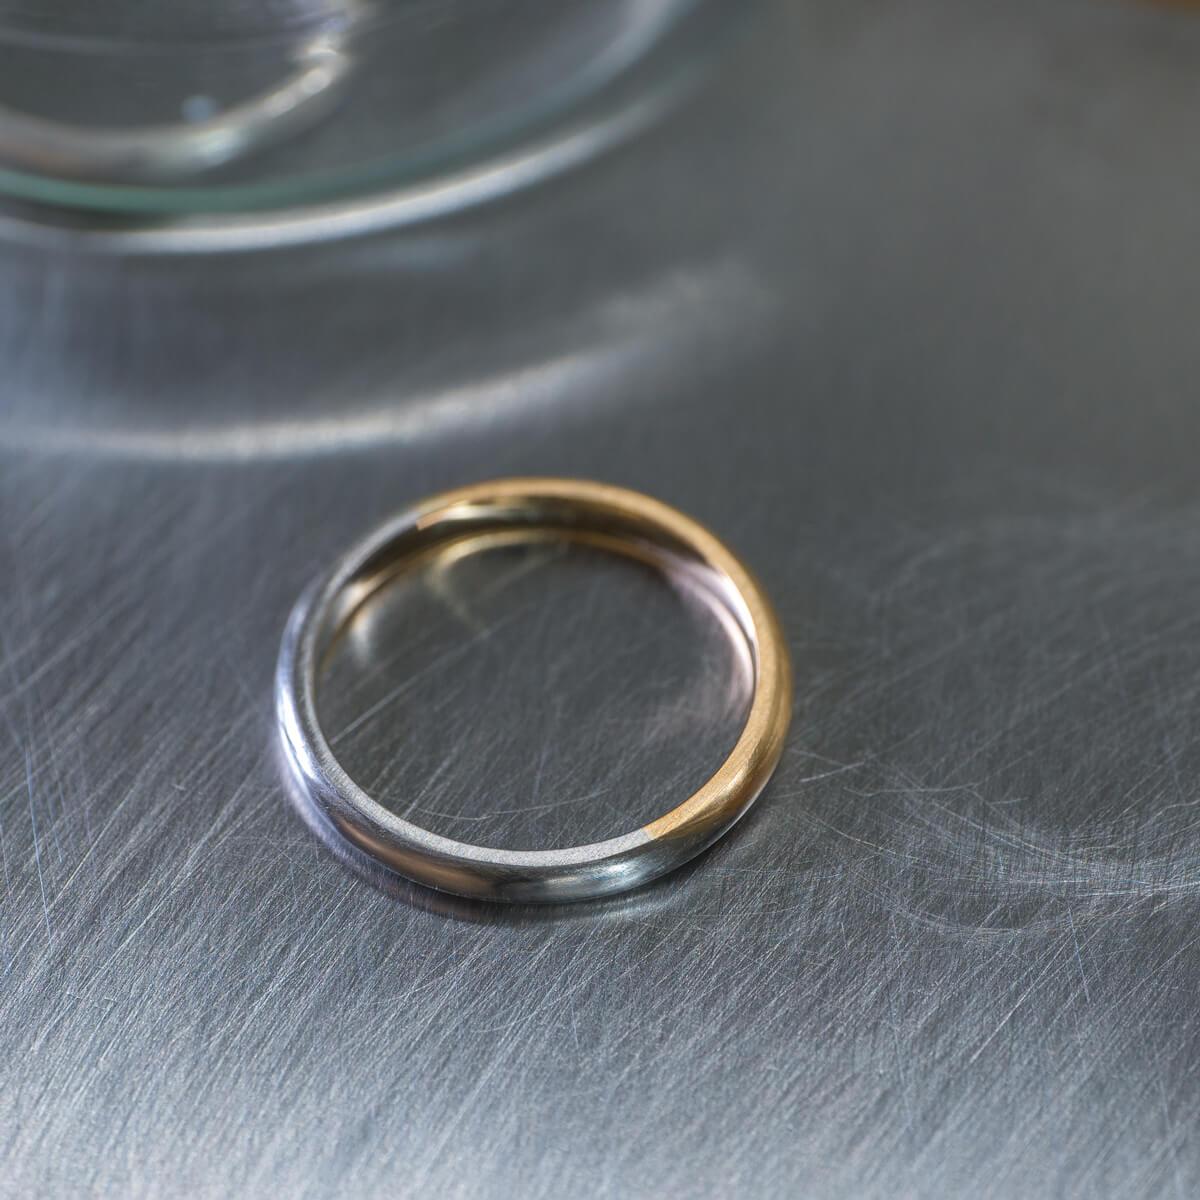 オーダーメイドマリッジリング ジュエリーのアトリエ プラチナ、ゴールド 屋久島でつくる結婚指輪